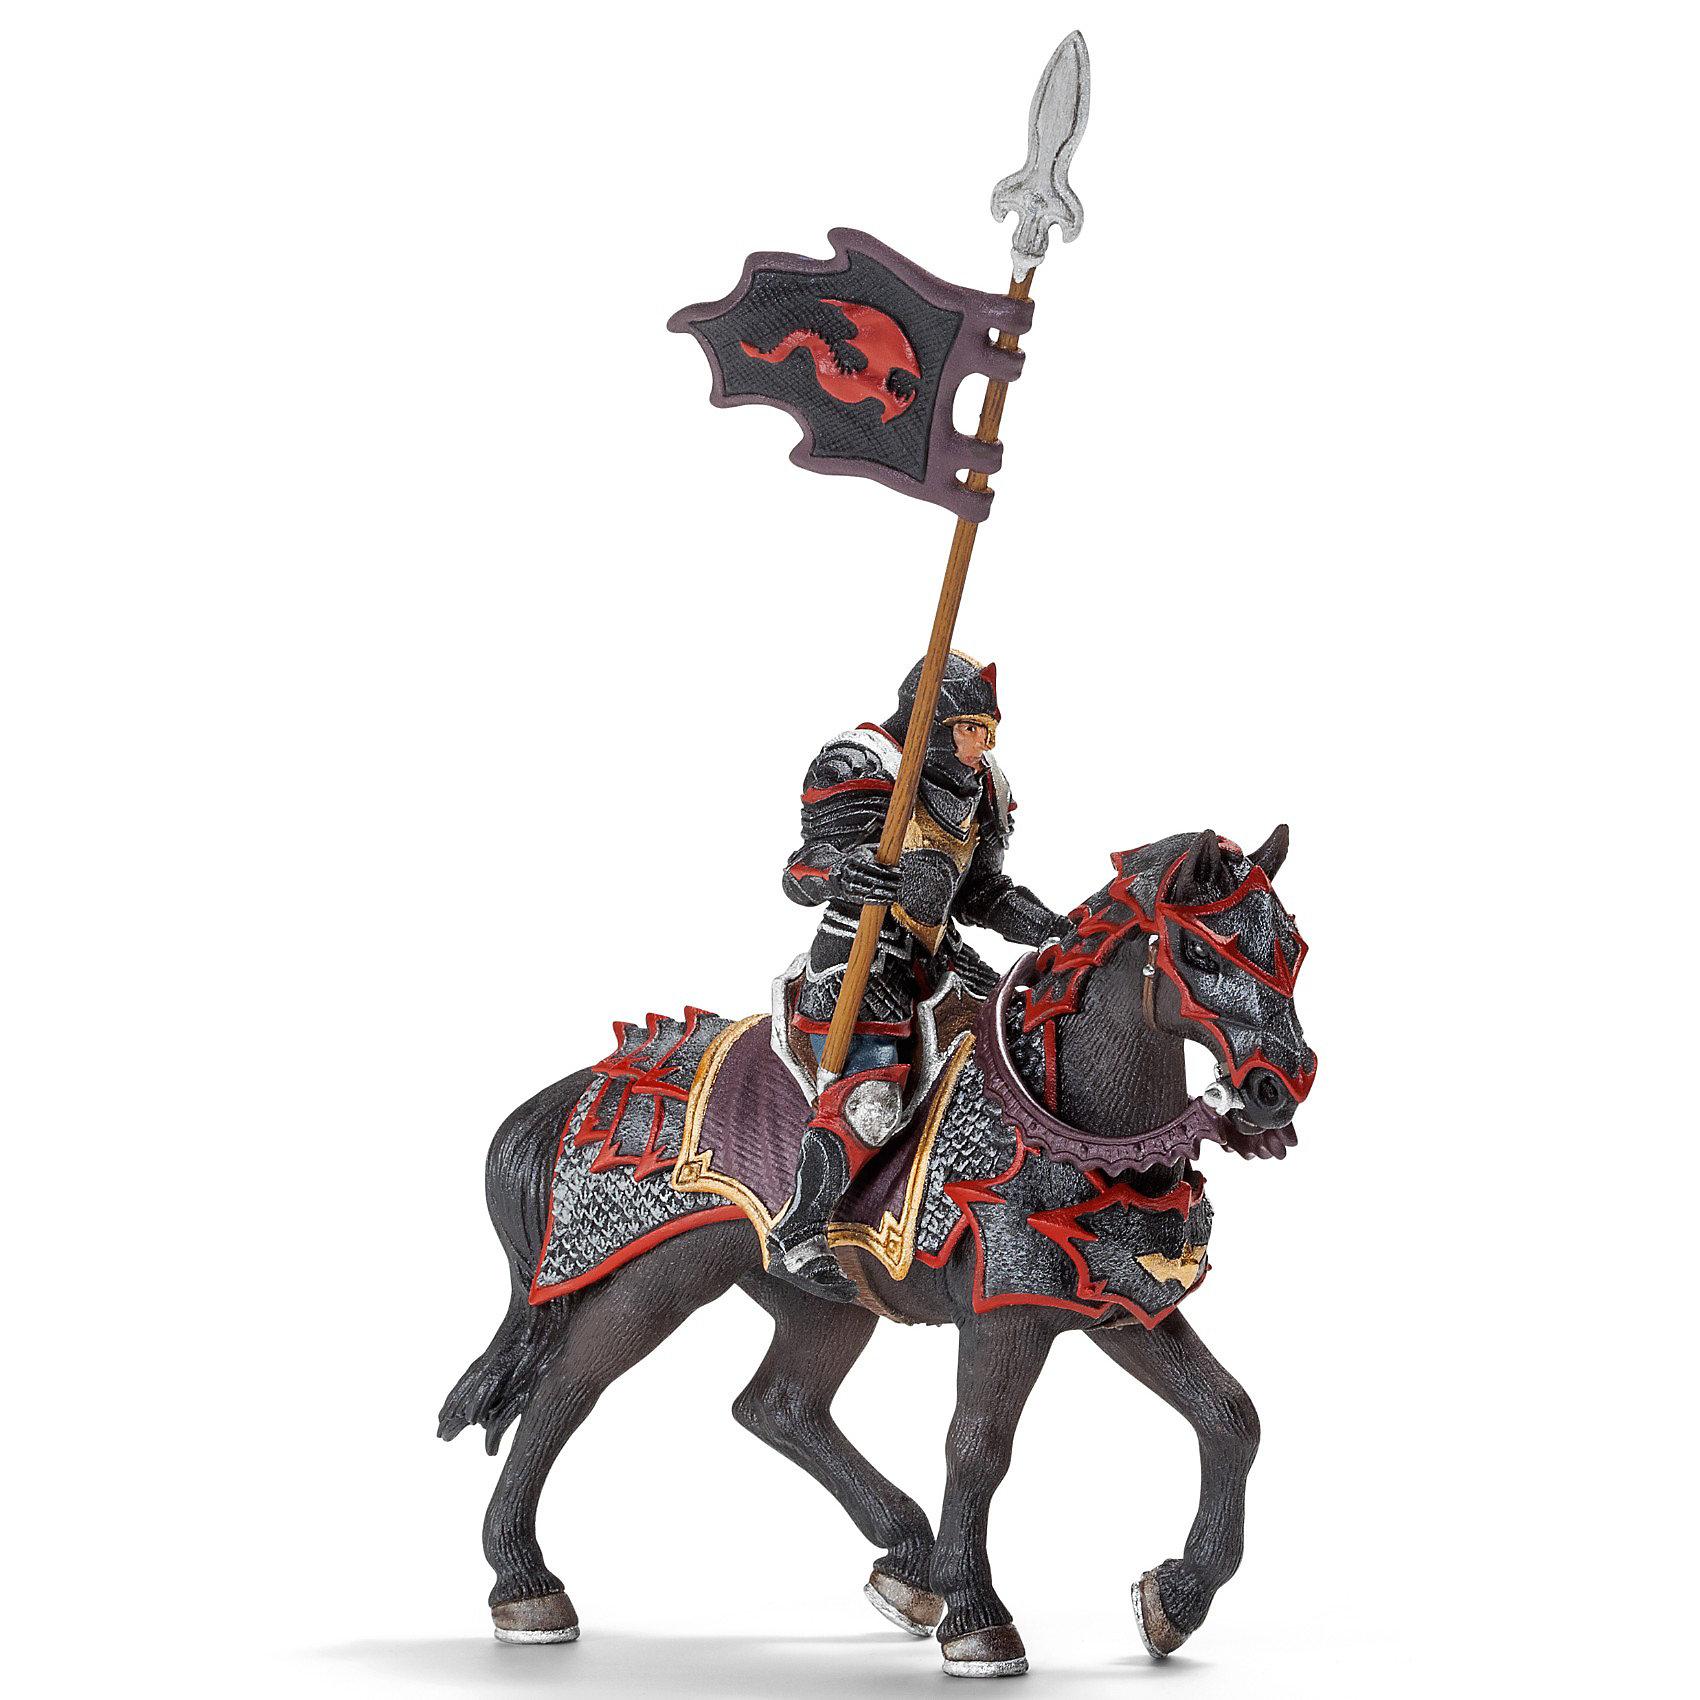 Рыцарь на коне с копьем Орден Дракона, SchleichСолдатики и рыцари<br>Рыцарь на коне с копьем Орден Дракона от Schleich (Шляйх) смело мчится на поле боя и ведет за собой остальных воинов. Рыцарь, отлично вооруженный доспехами, щитом и копьем на мощном боевом коне непобедим. Его лучший друг – Рыцарь Дракона с боевой секирой, они не раз выручали друг друга в беде.<br><br>Дополнительная информация:<br><br>-фигурка Рыцарь Дракона с копьем на коне, раскрашенная вручную, сделана из безопасного материала – каучукового пластика. <br>-всадник надежно крепится к лошади с помощью магнитов, встроенных в фигурку.<br>-размеры (ДхШхВ): 8,5х15х18 см<br><br>Рыцаря на коне с копьем Орден Дракона, Schleich (Шляйх) можно купить в нашем интернет - магазине.<br><br>Ширина мм: 204<br>Глубина мм: 170<br>Высота мм: 106<br>Вес г: 270<br>Возраст от месяцев: 36<br>Возраст до месяцев: 96<br>Пол: Мужской<br>Возраст: Детский<br>SKU: 3164158